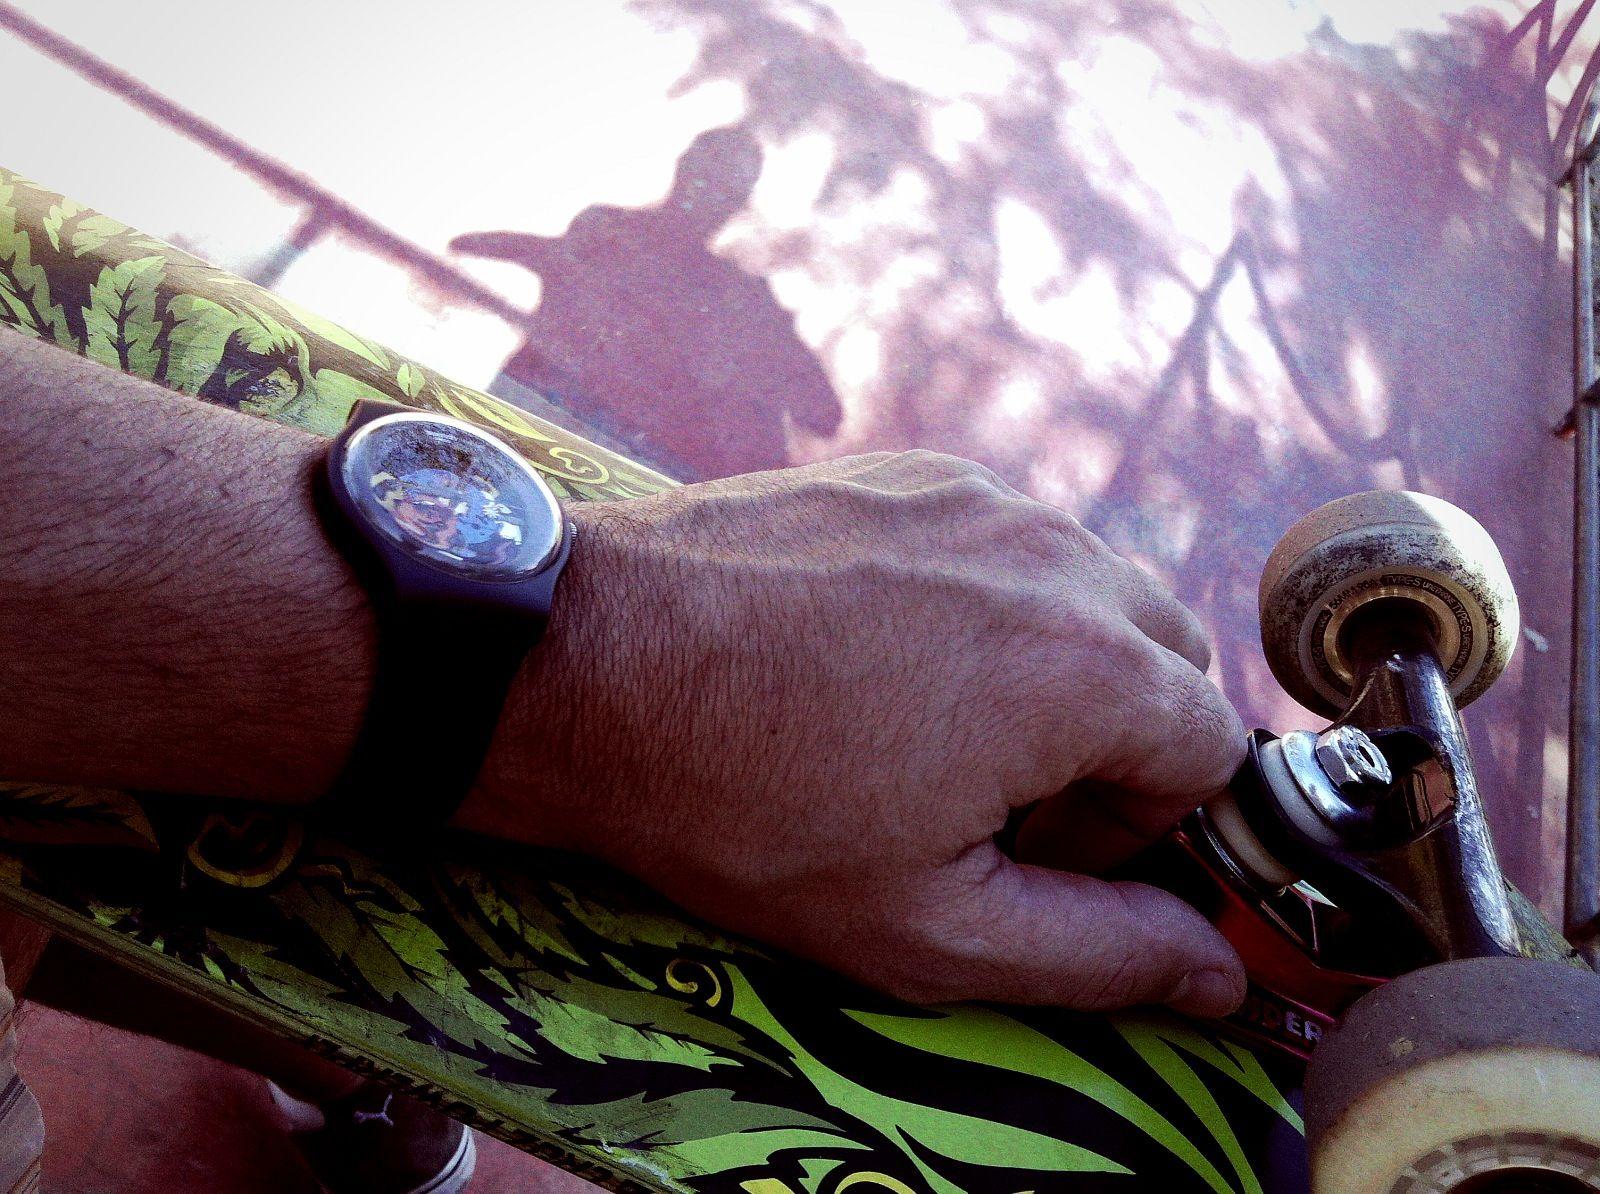 Swatch + Skate - combinação perfeita : )